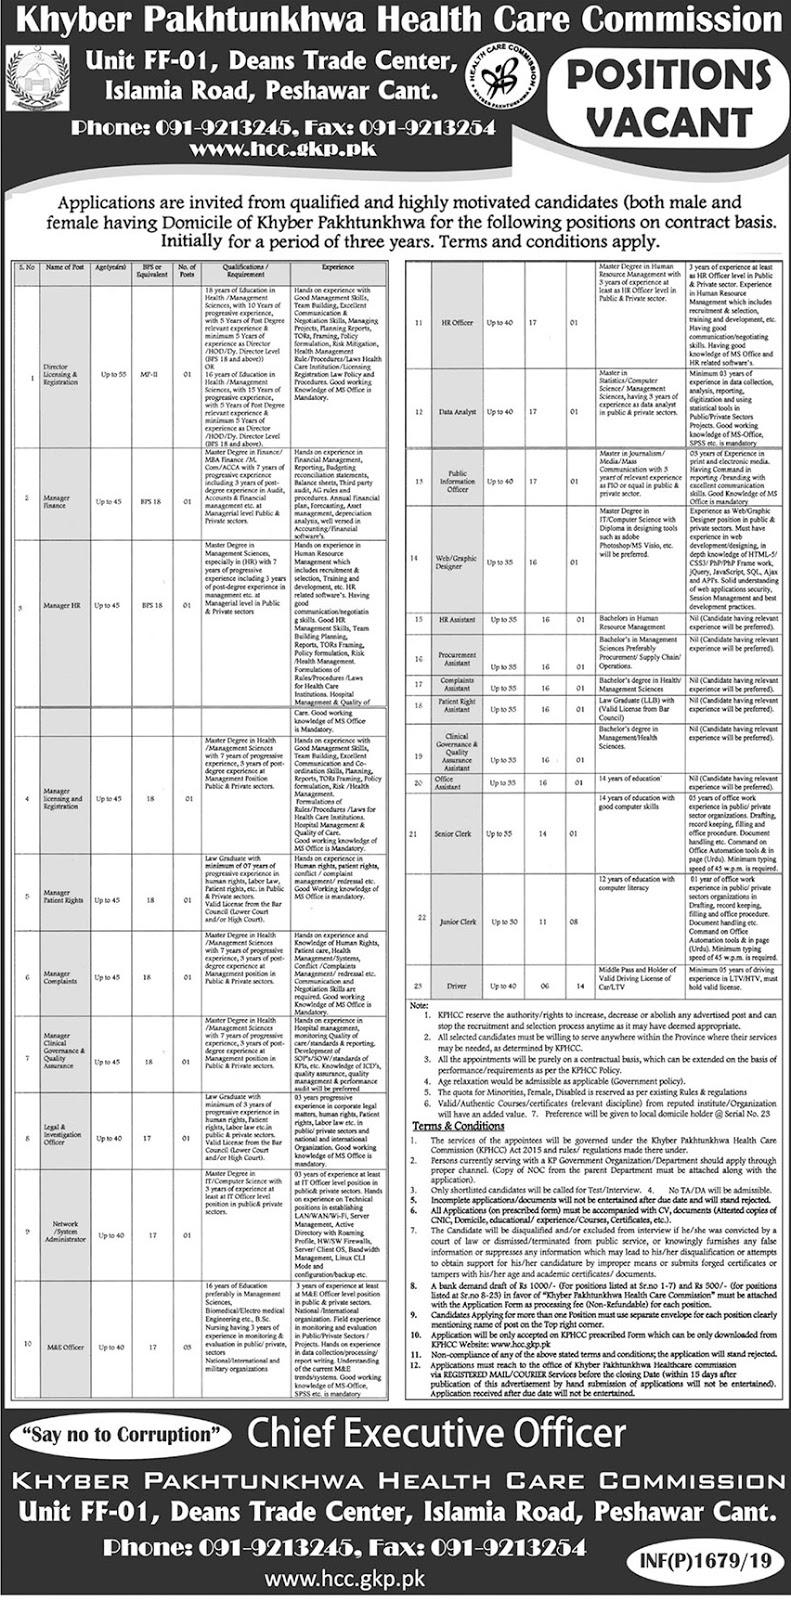 KPHCC Jobs 20 April 2019, KPHCC KPK Healthcare Commission Jobs 2019 April hcc.gkp.pk